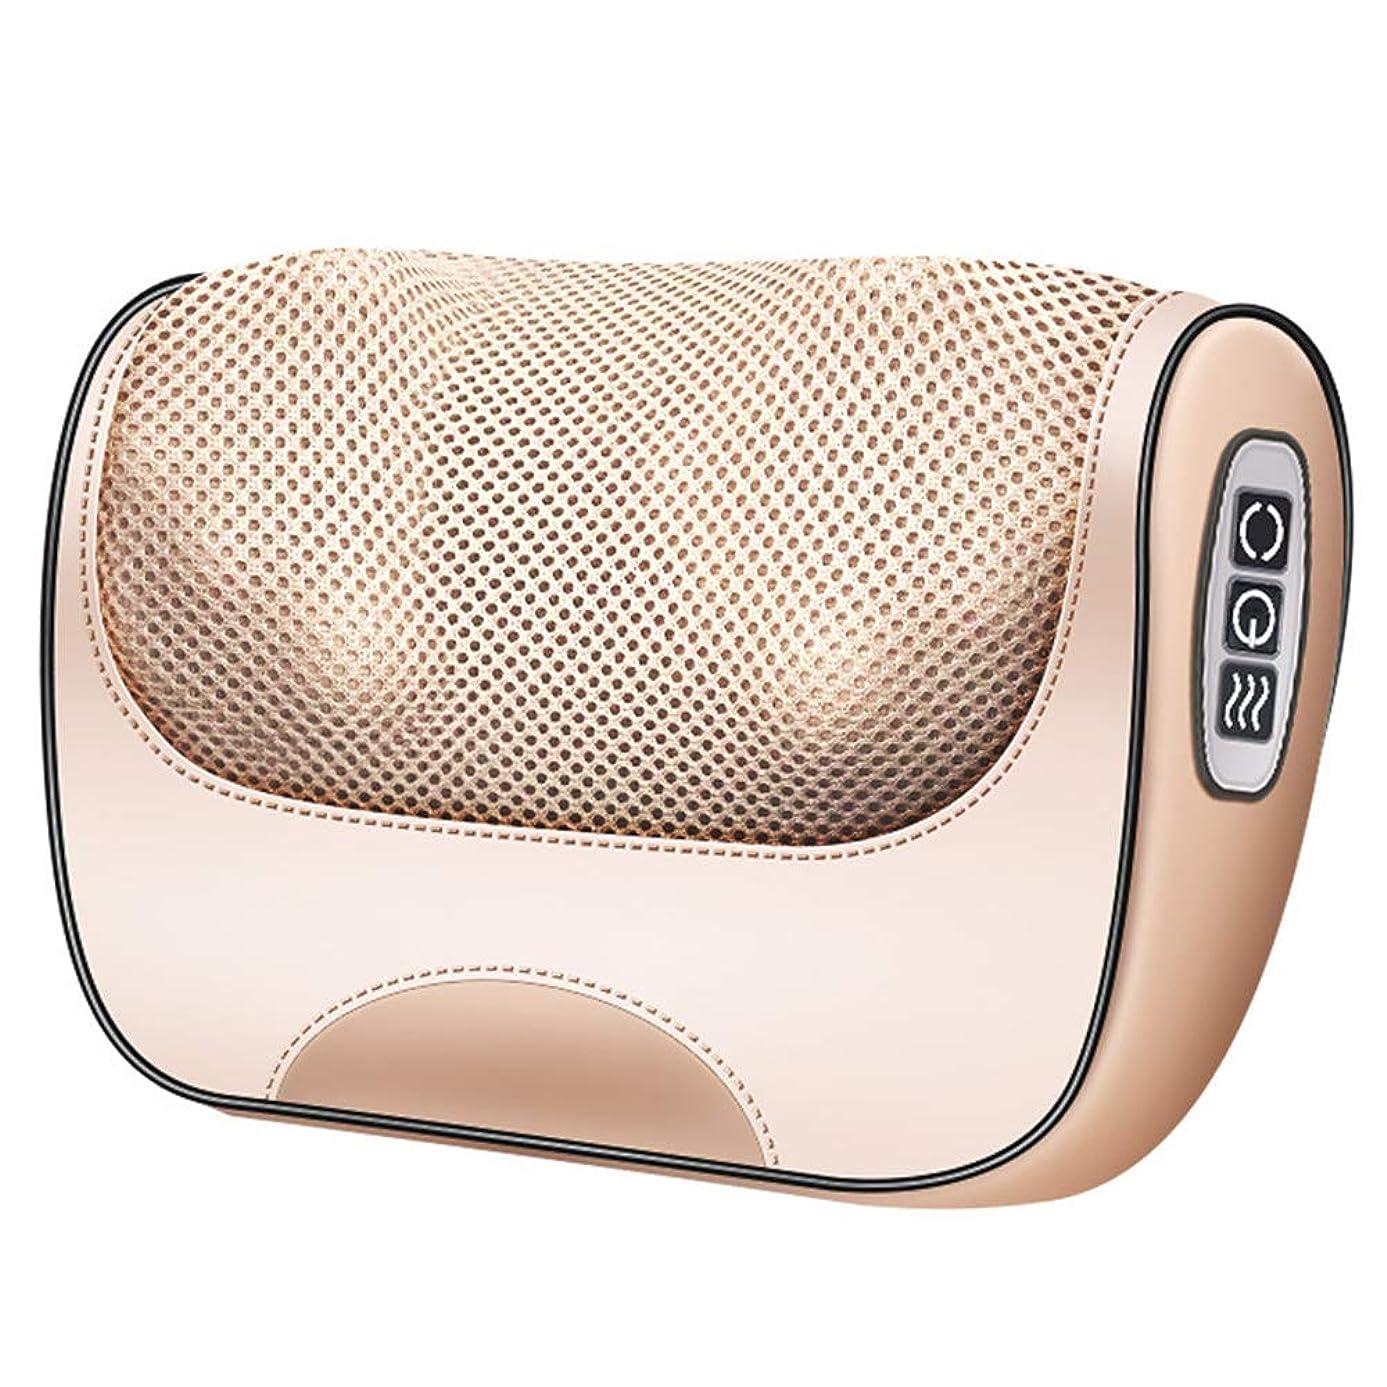 想像するベーコン黒板JALAL指圧マッサージ枕 指圧ネックショルダーマッサージャーエレクトリックバックマッサージ| Jewelry-stores.co.uk 背中の肩の熱深部組織3D混練緩和は筋肉を和らげる